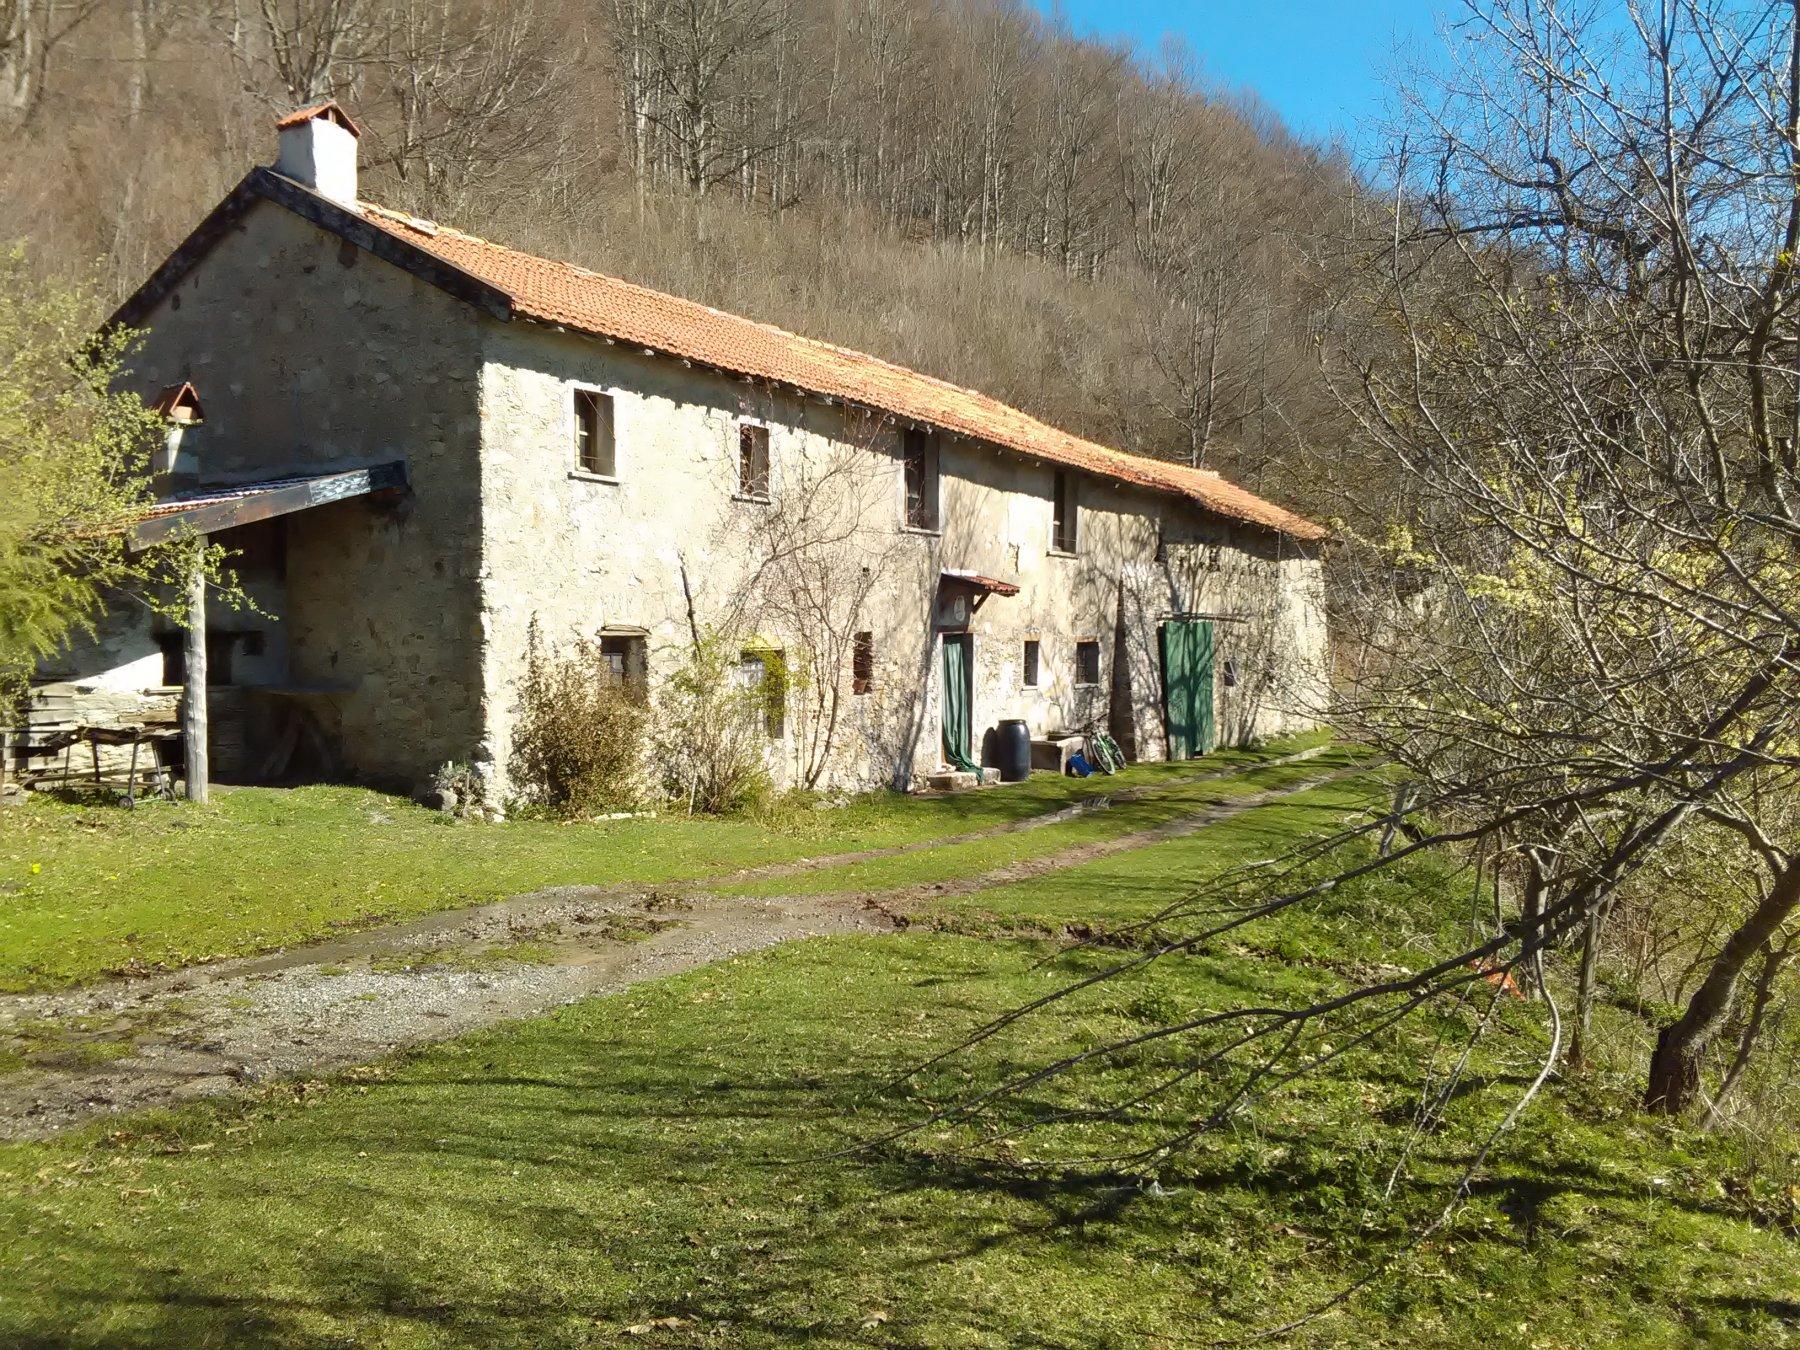 Schenasso (Bric) da Calizzano, giro per Brigneta, Dondella, Sciorta, Muschieto 2019-04-05